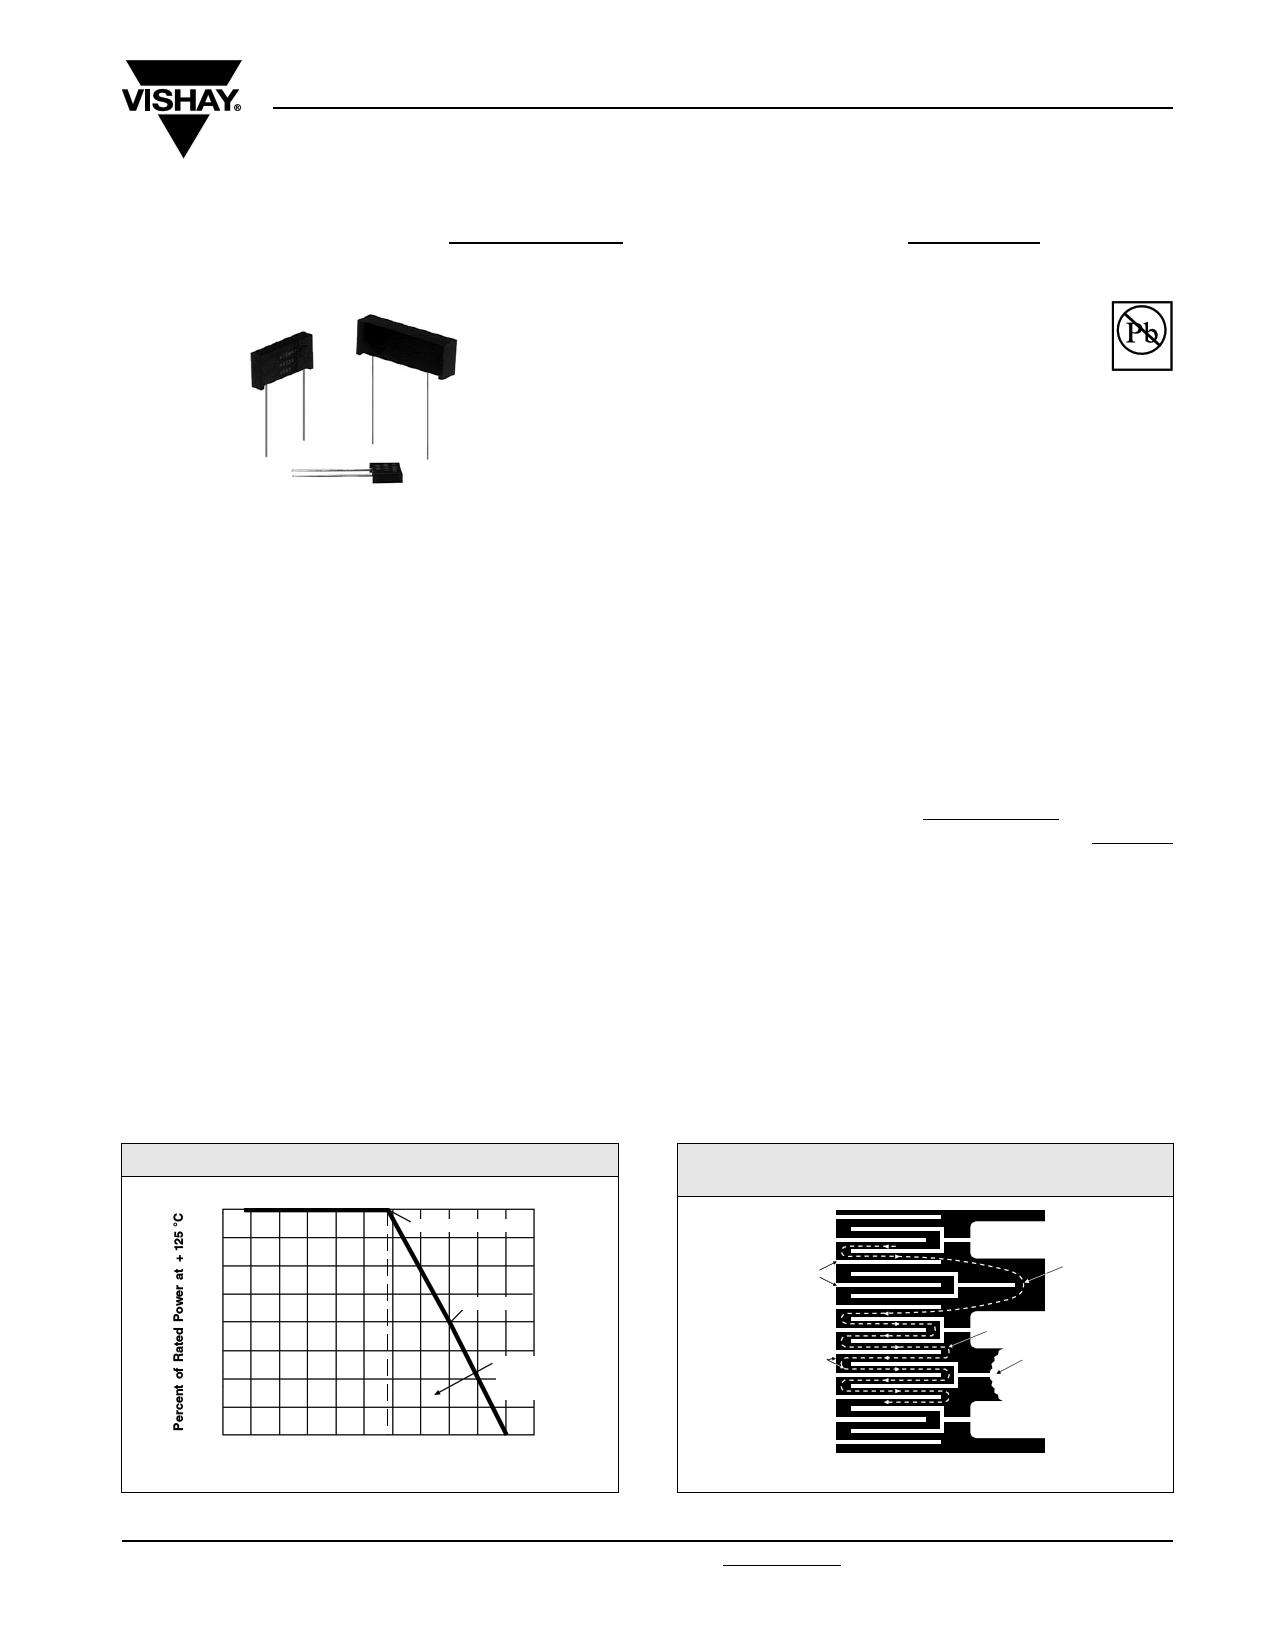 Y0022100K250T0L Datasheet, Y0022100K250T0L PDF,ピン配置, 機能